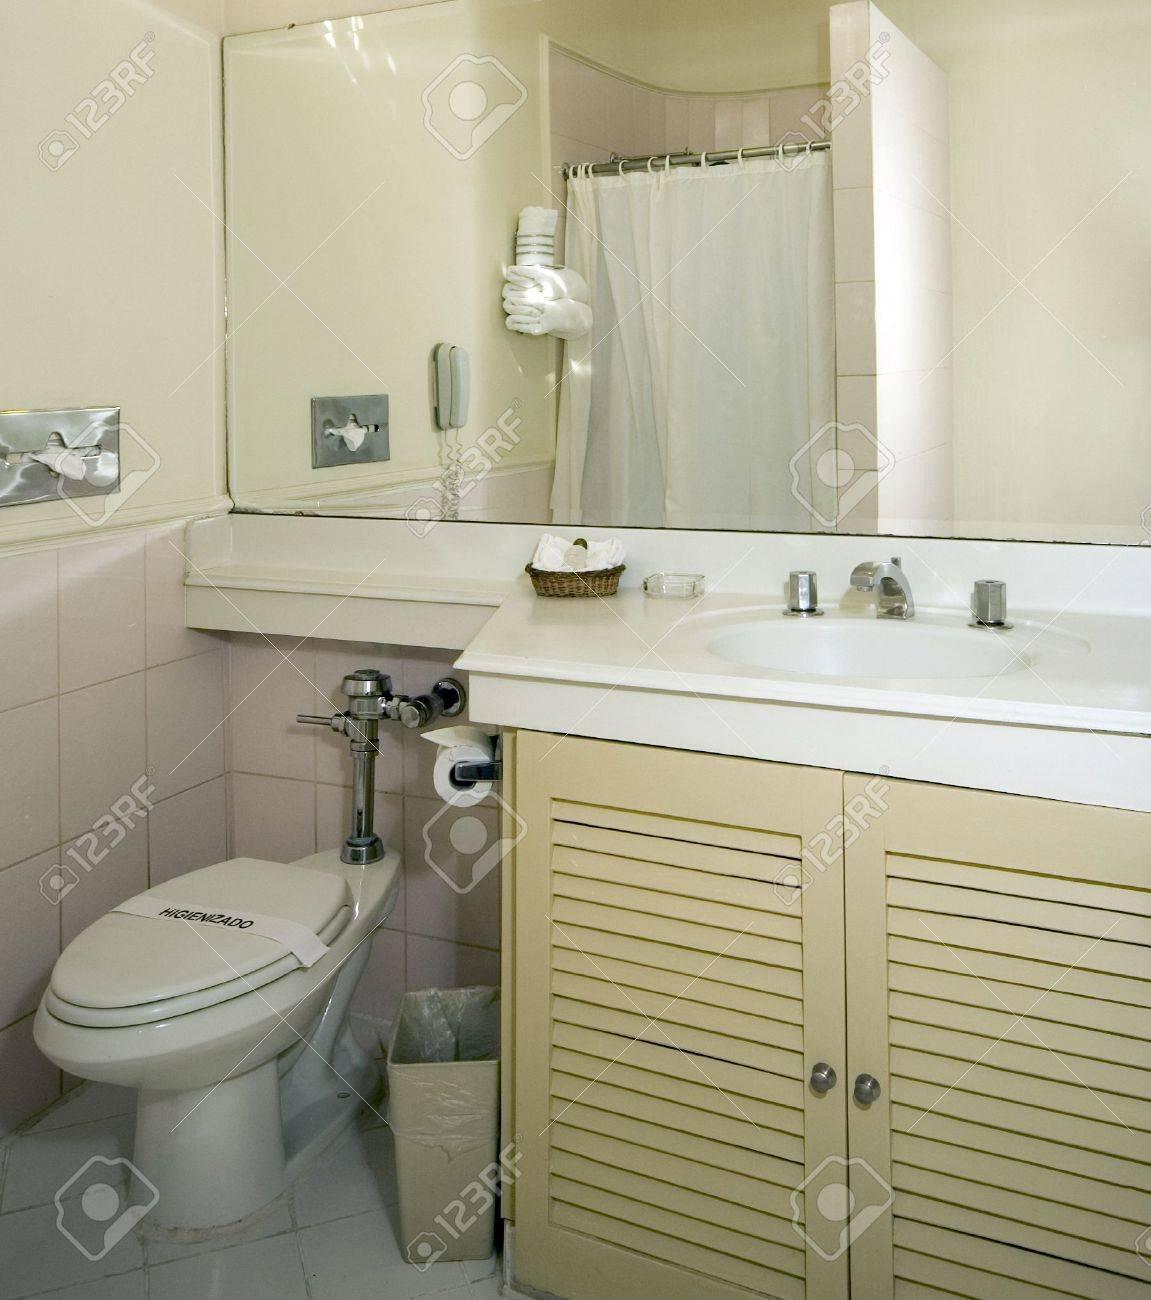 Salle de bain moderne hôtel Guatemala City vanité et douche